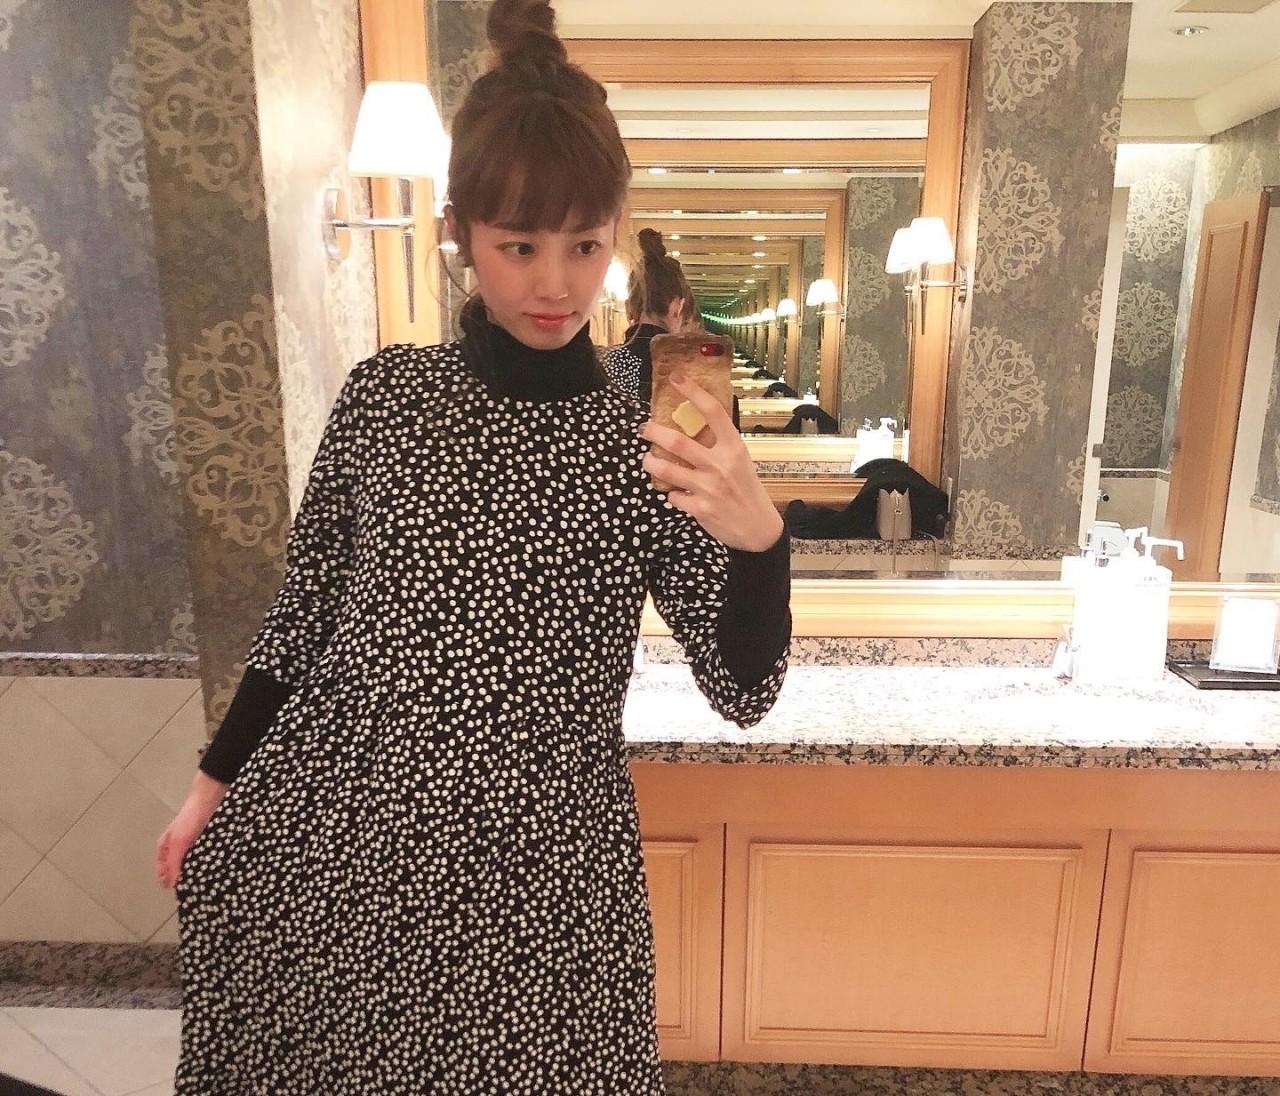 ドット柄がかわいい♡ZARAのワンピースでホテルランチ